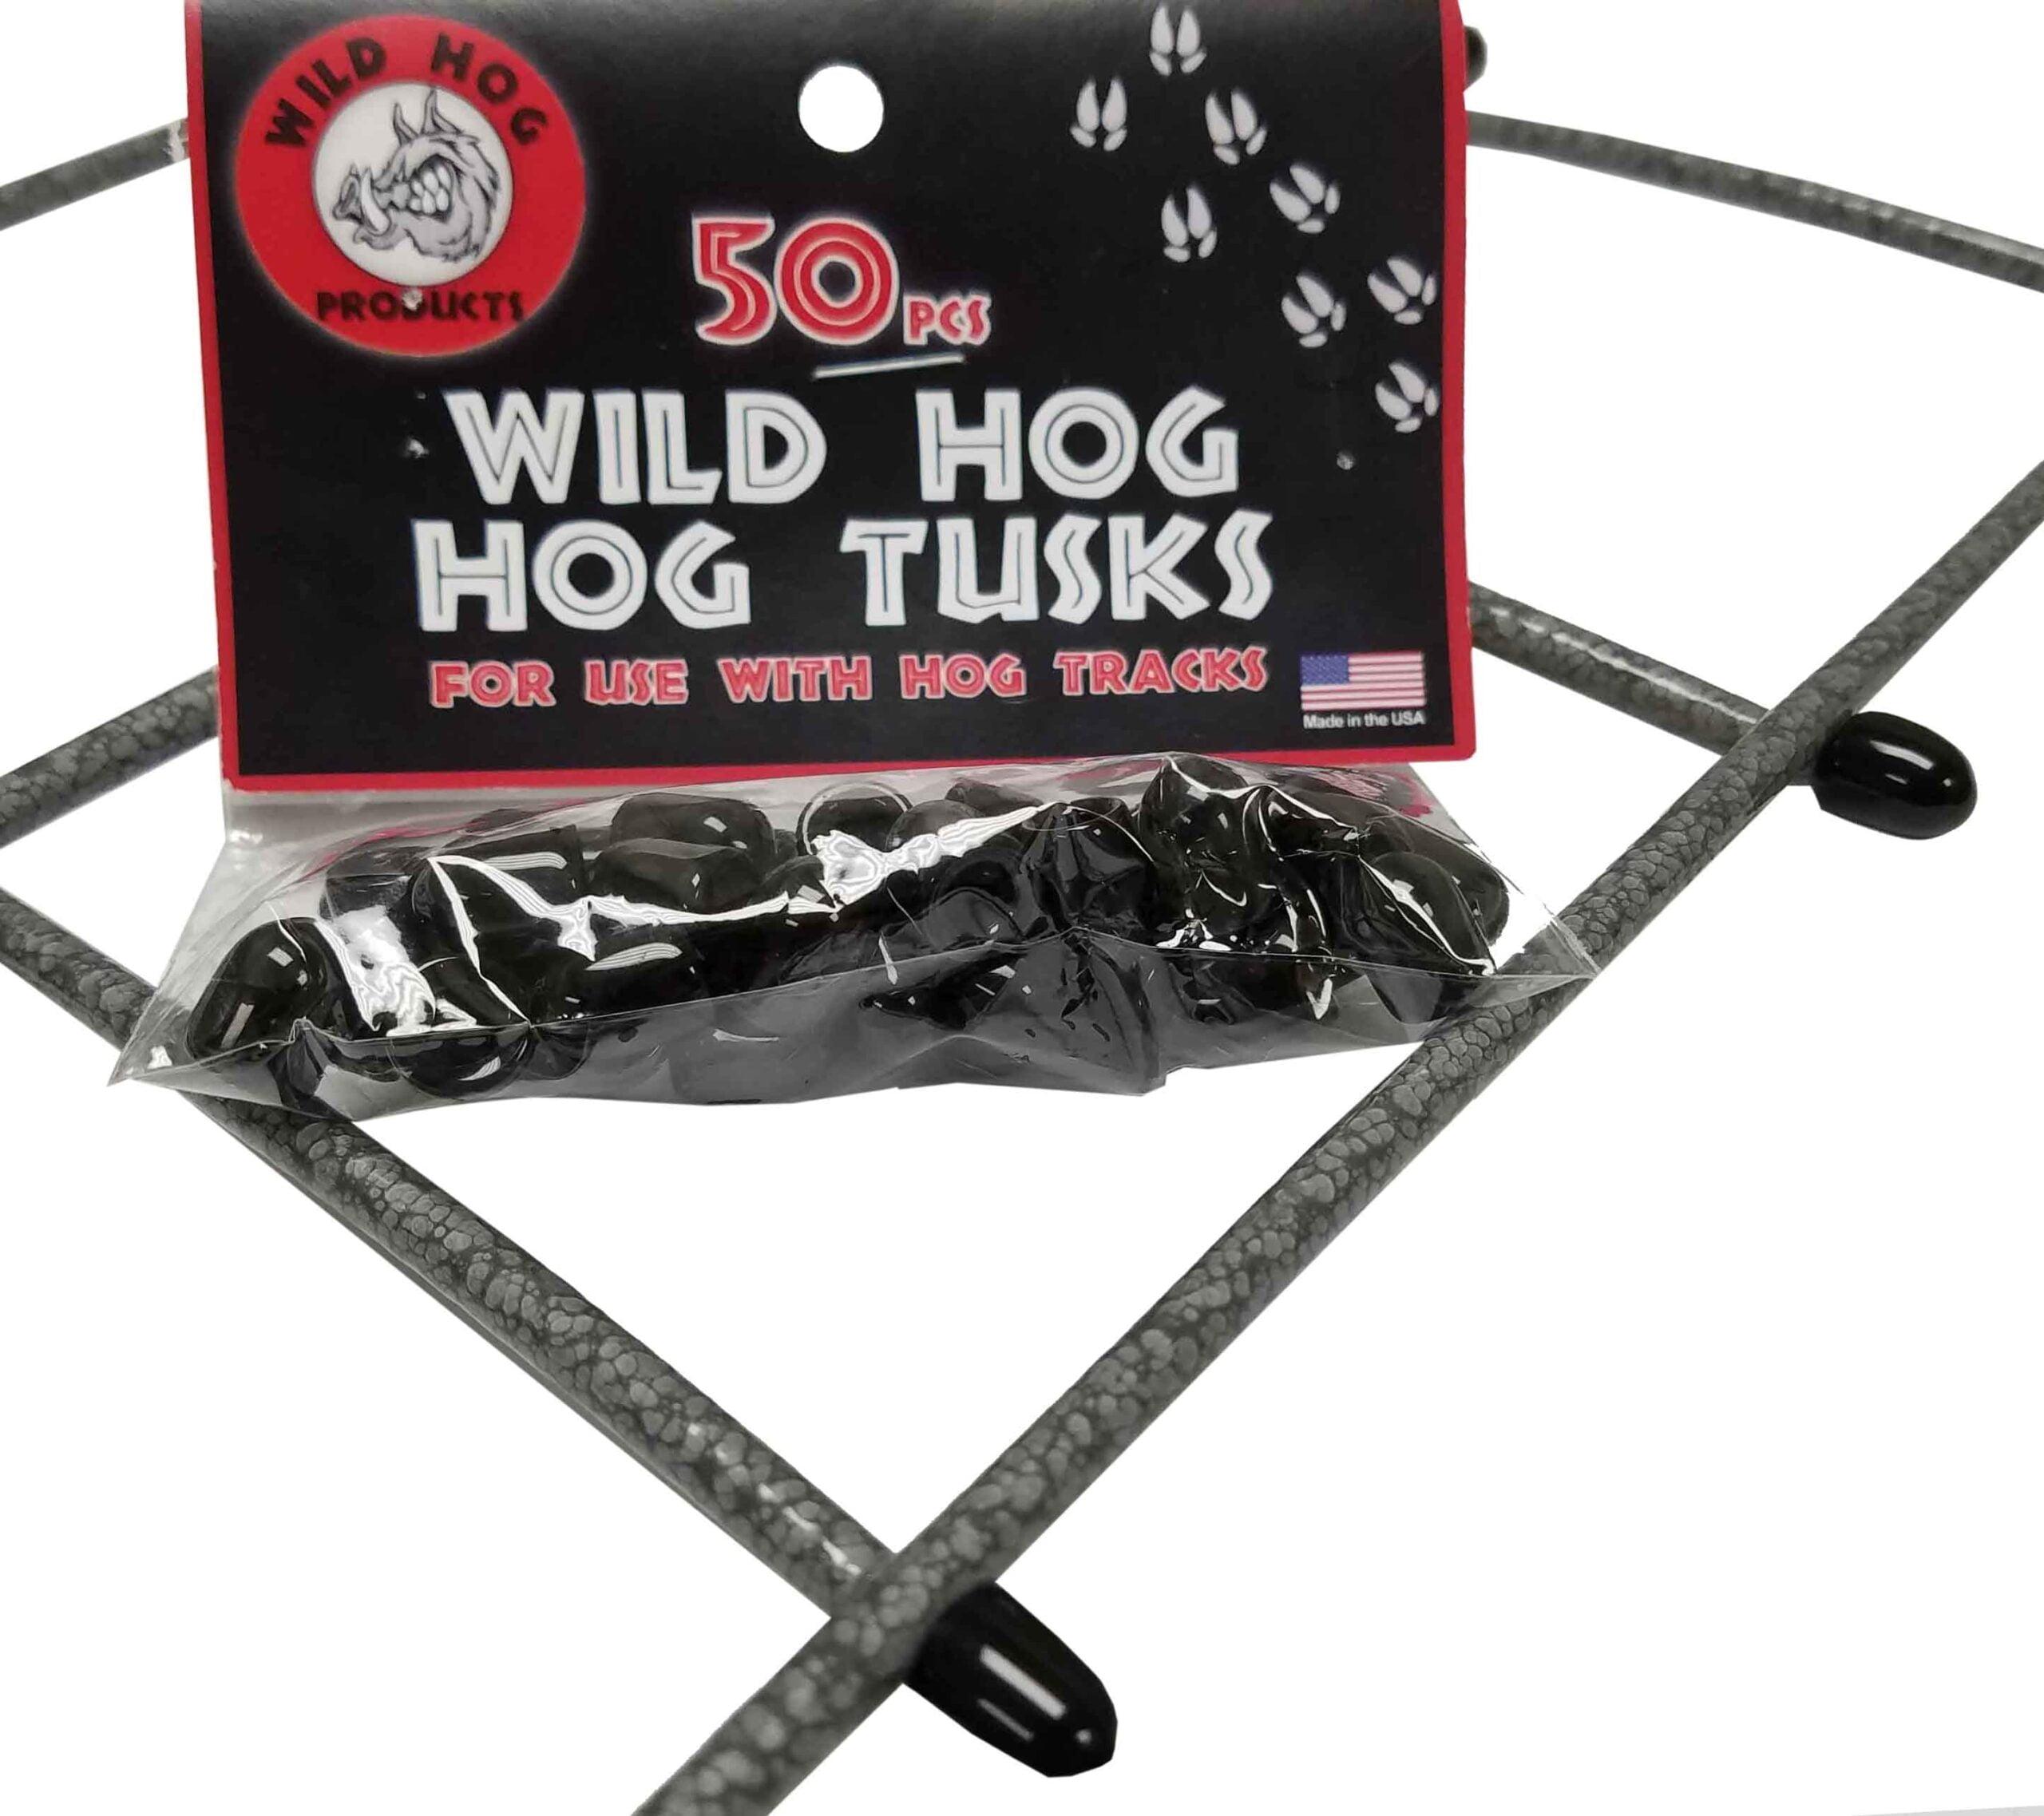 Wild Hog Tusks